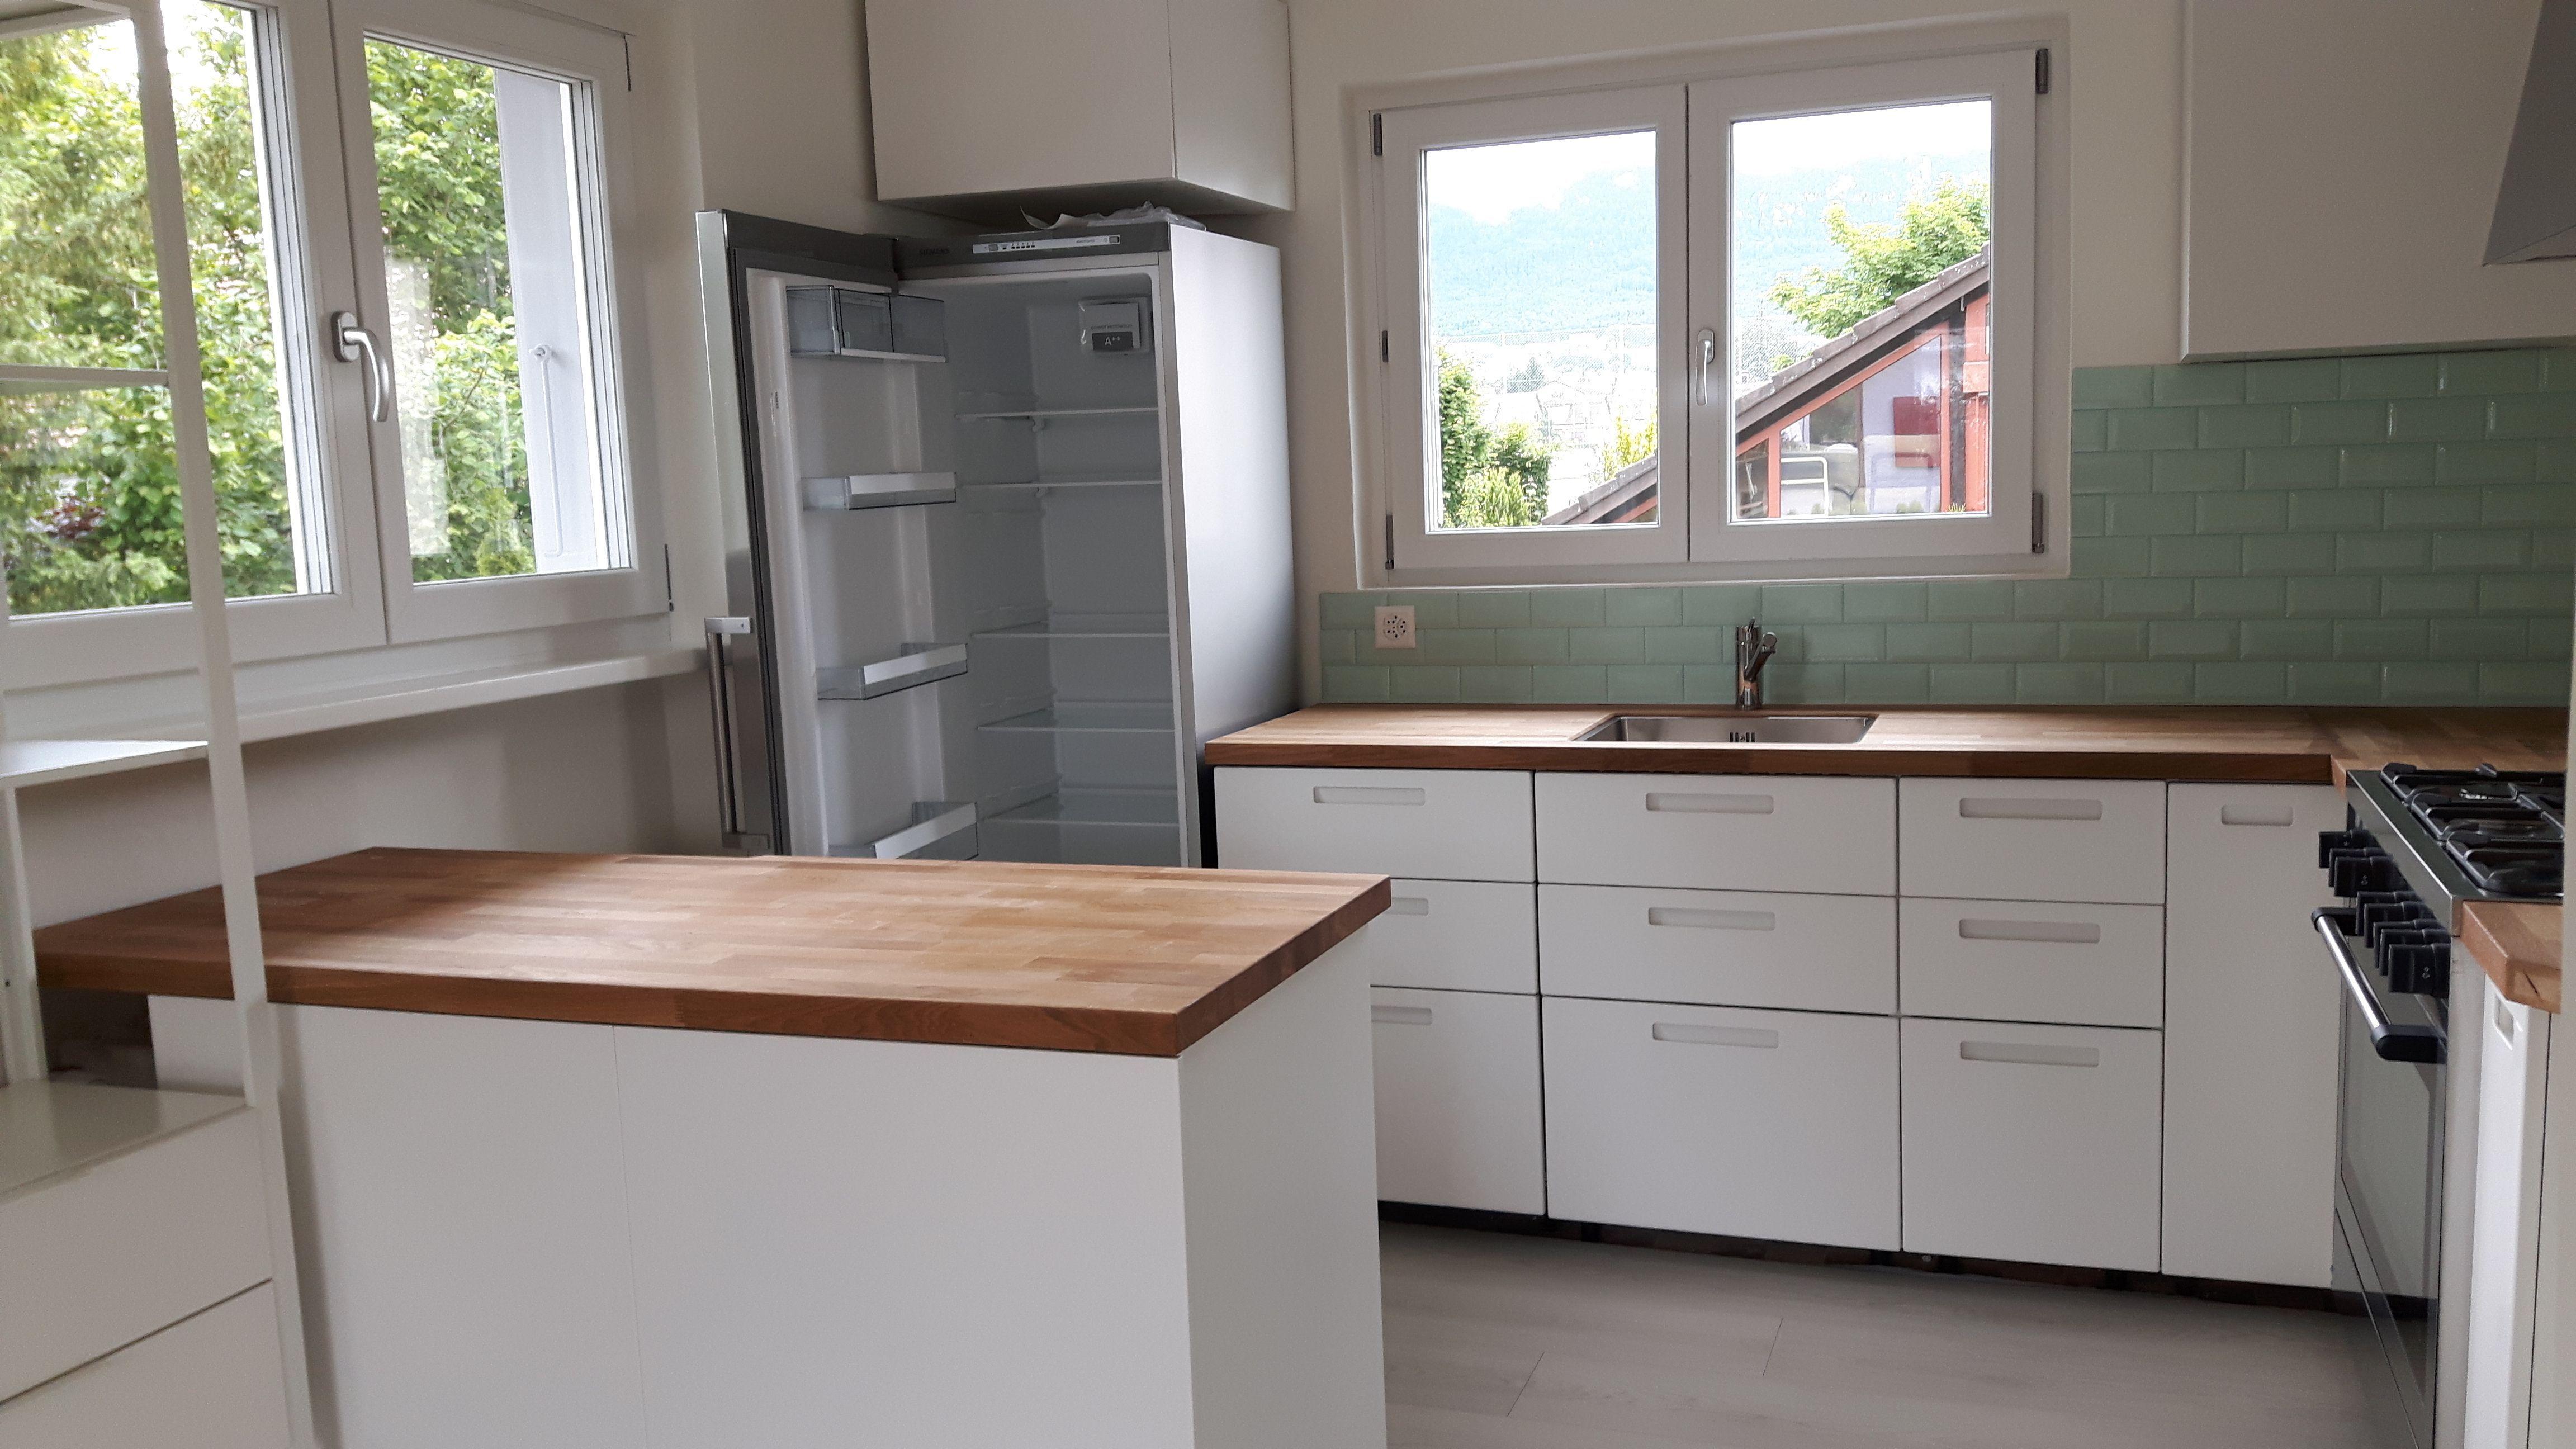 Ikea Kuchen Montage Schweiz Relfservices Home Design House